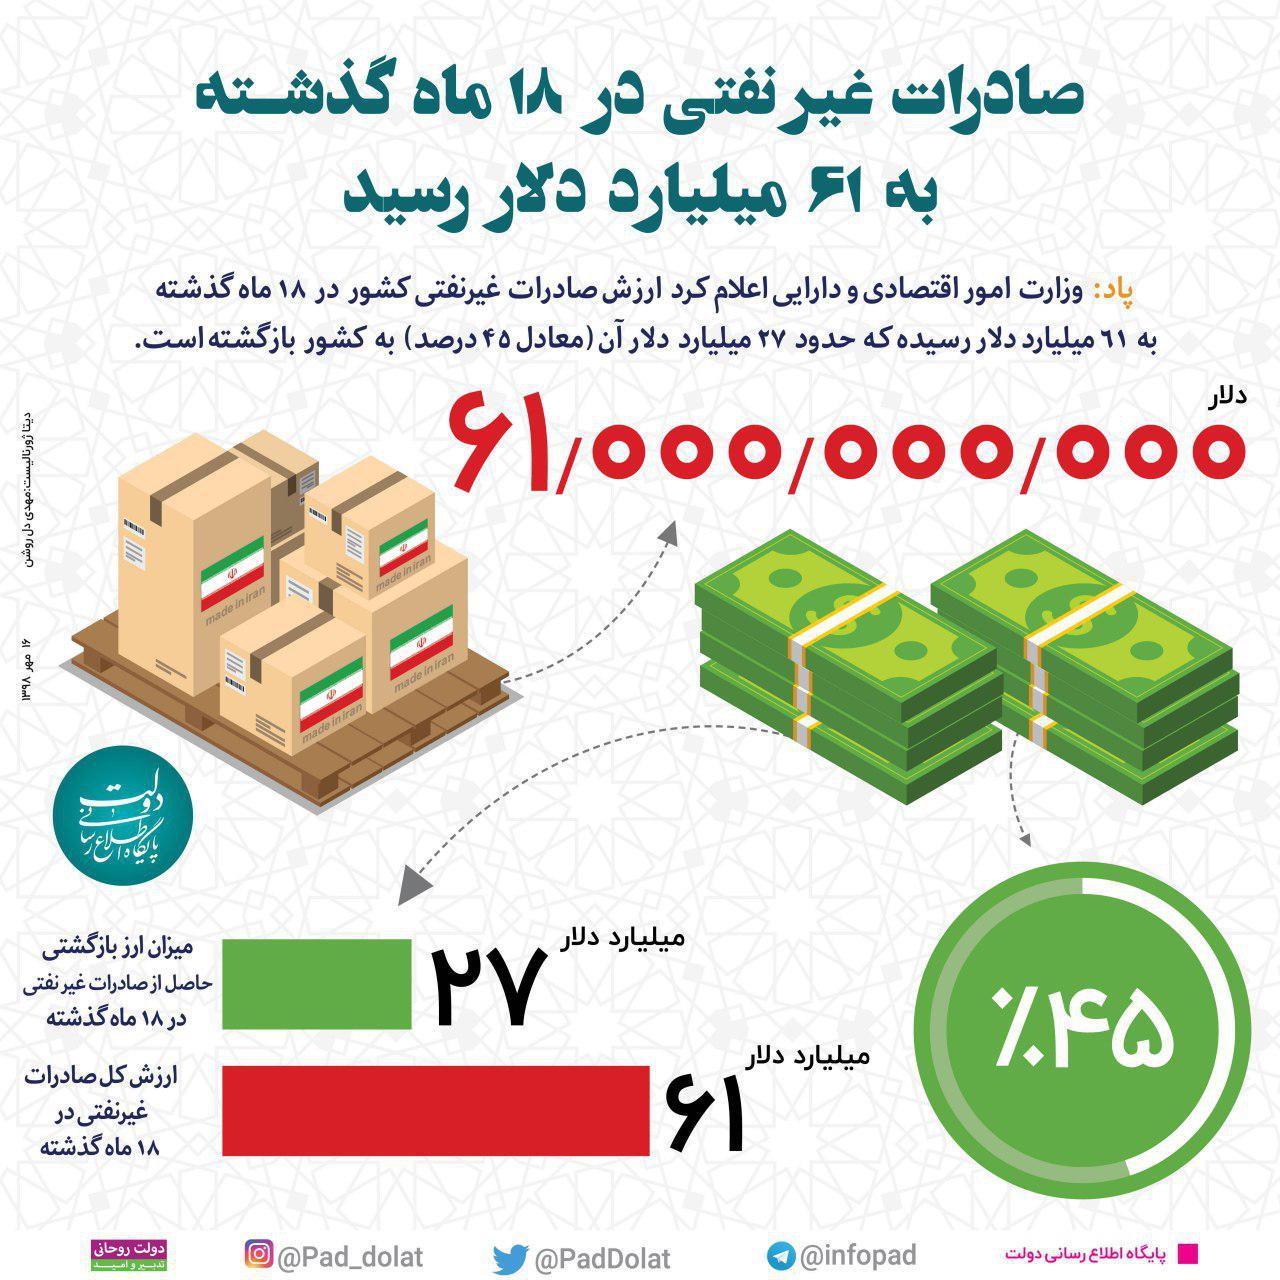 اینفوگرافیک|صادرات غیرنفتی در ۱۸ ماه گذشته به ۶۱ میلیارد دلار رسید